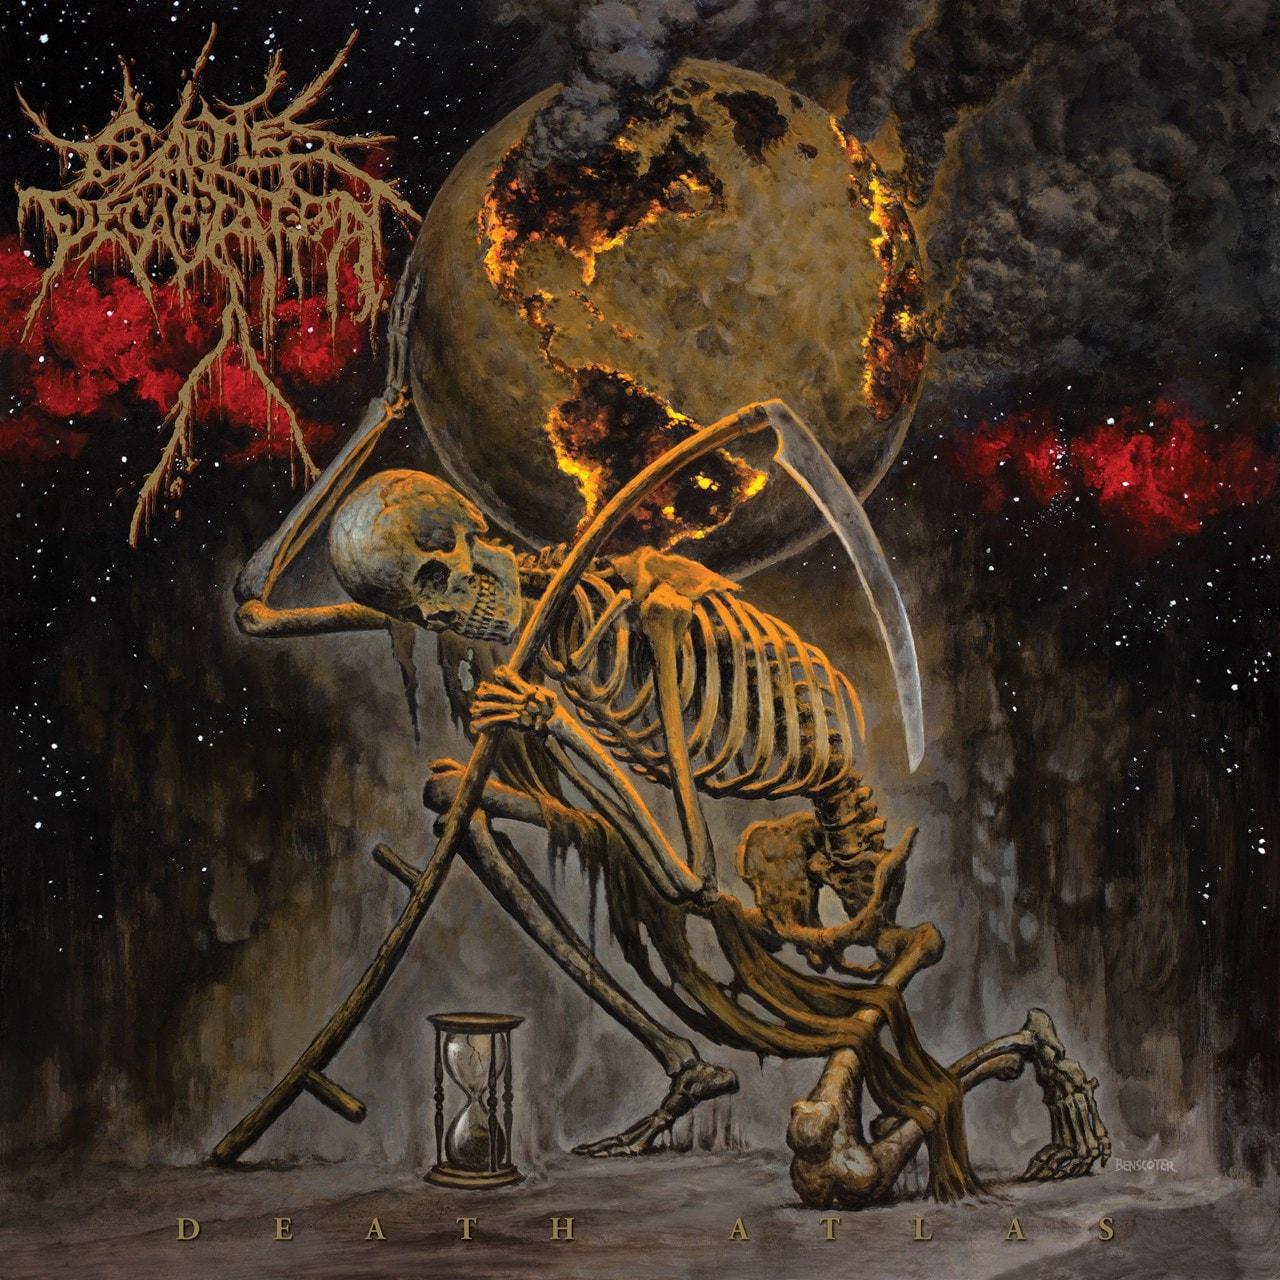 Death Atlas - 1